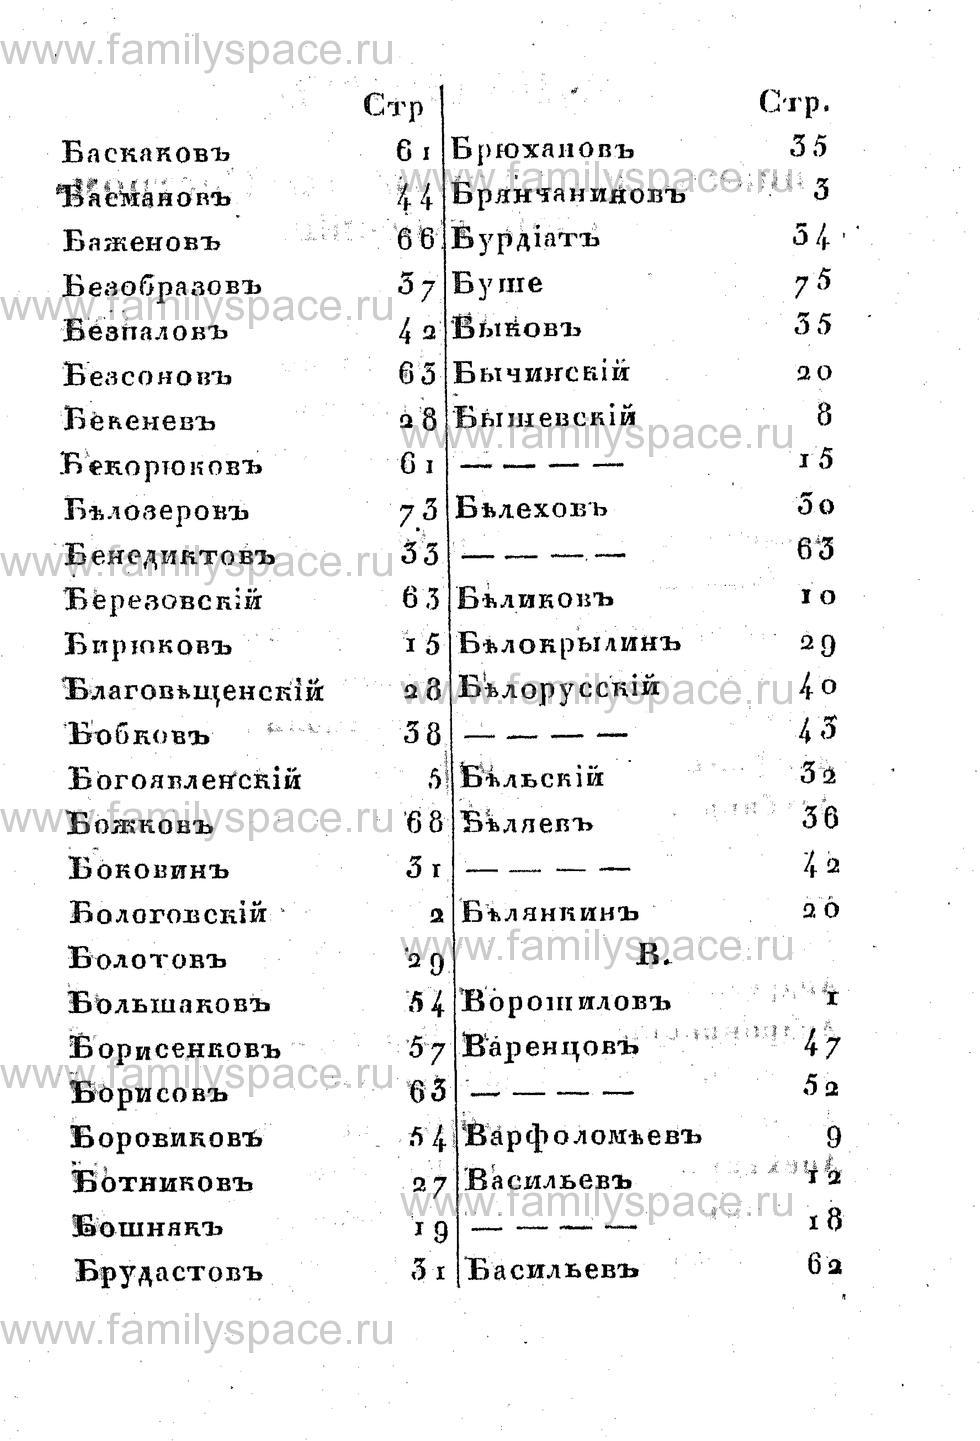 Поиск по фамилии - Памятная книжка Костромской губернии на 1853 год, страница 113